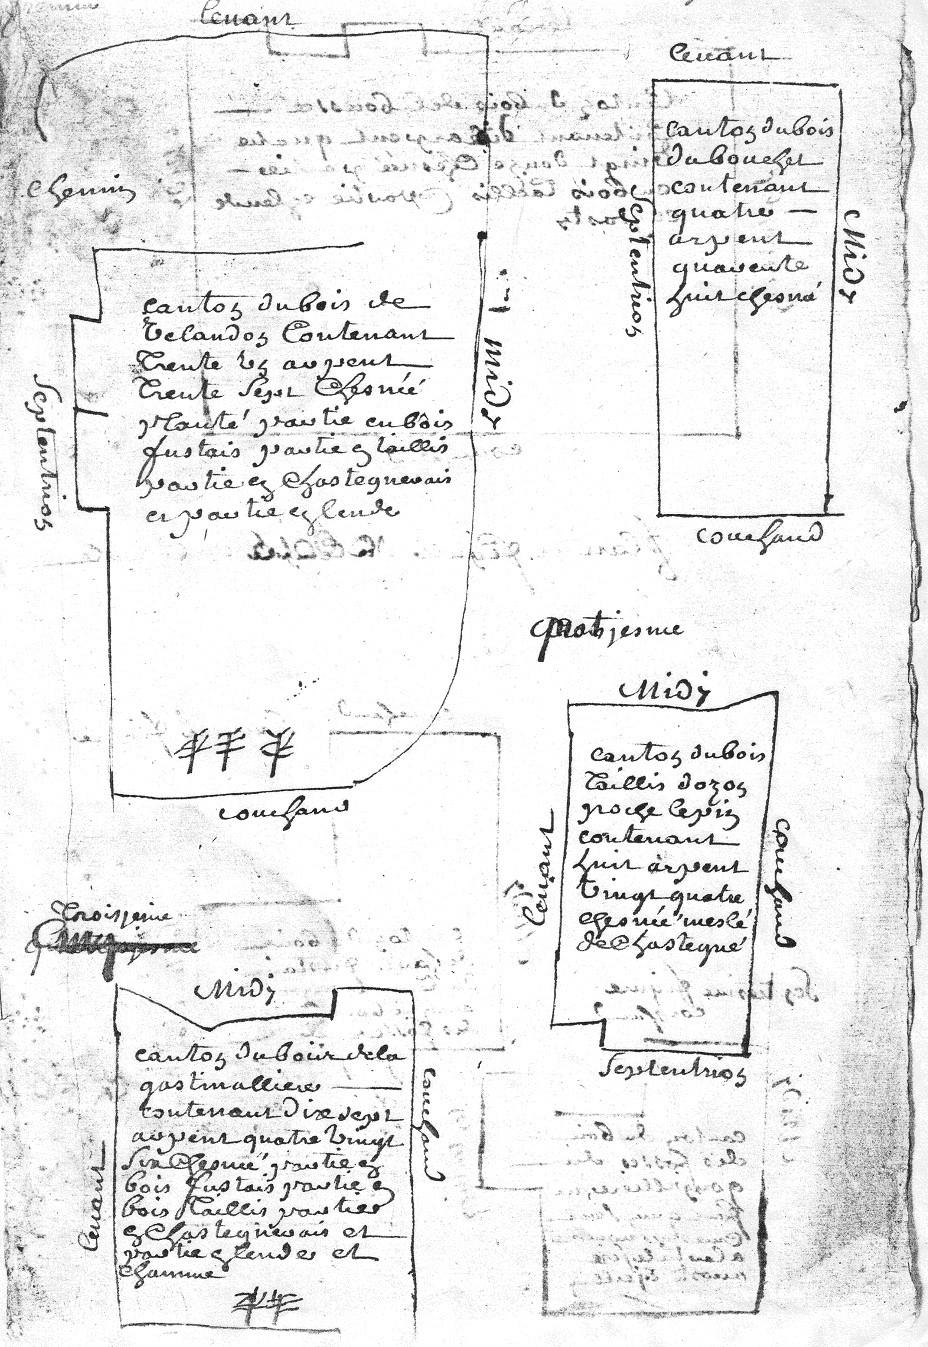 1729 - Plans des bois de la commanderie d'Auzon  - D'Allogny de la Groie Figures 1,2,3 et 4